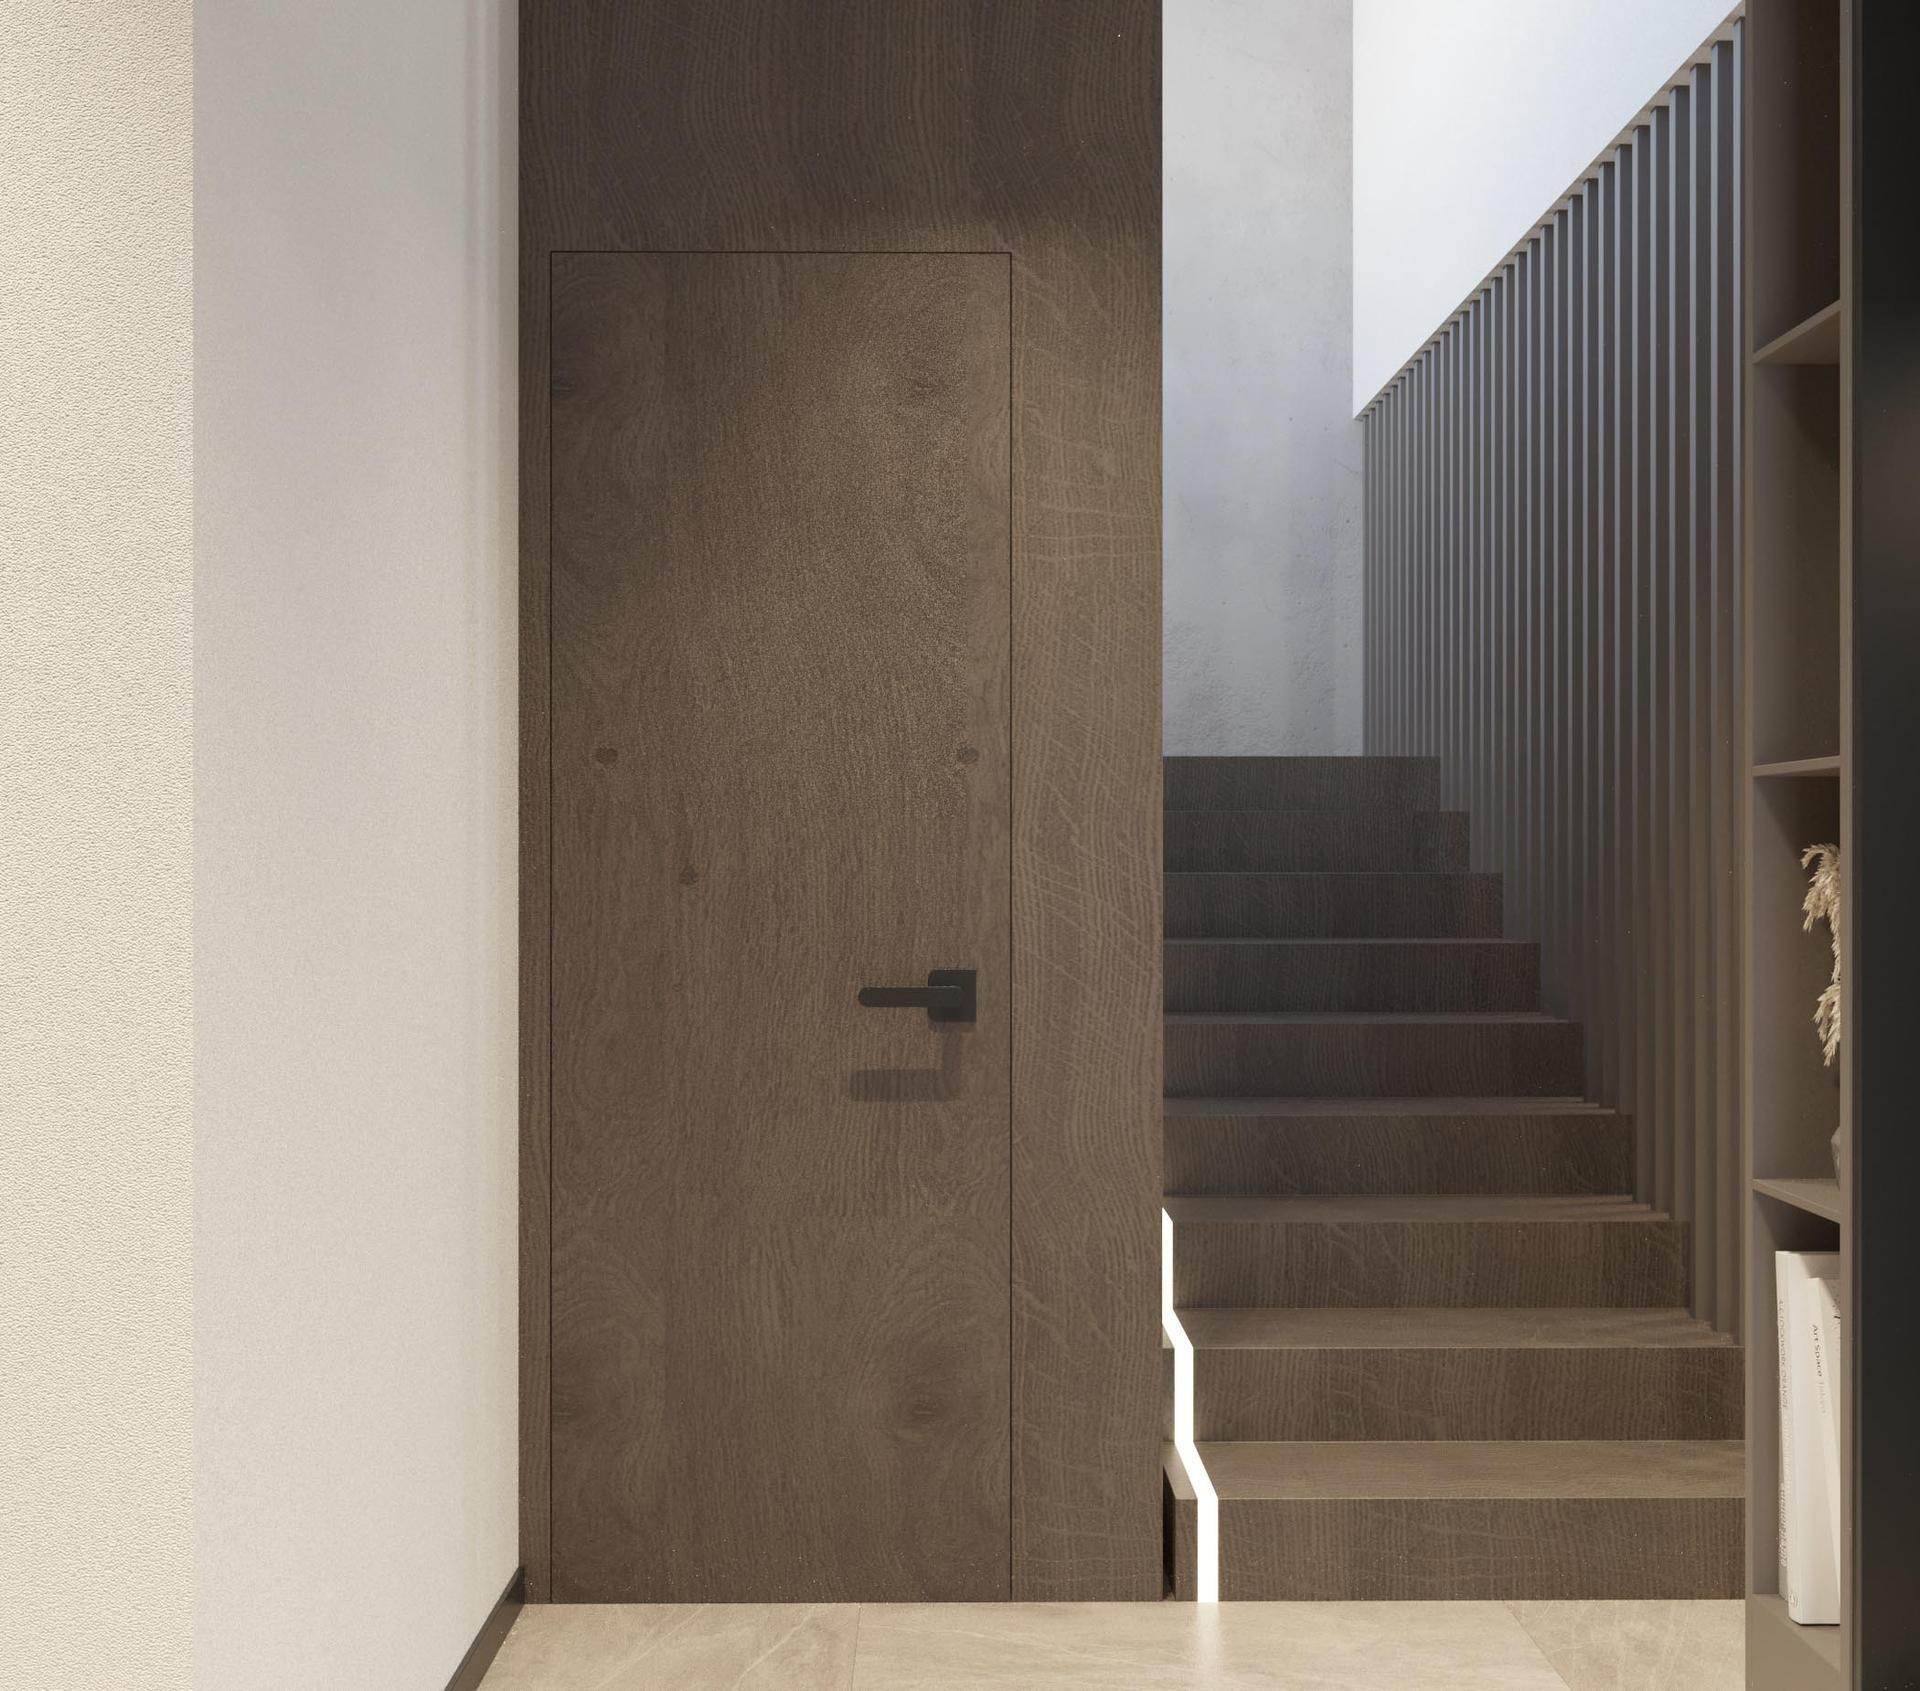 Návrh interiérového dizajnu :) - Obrázok č. 4